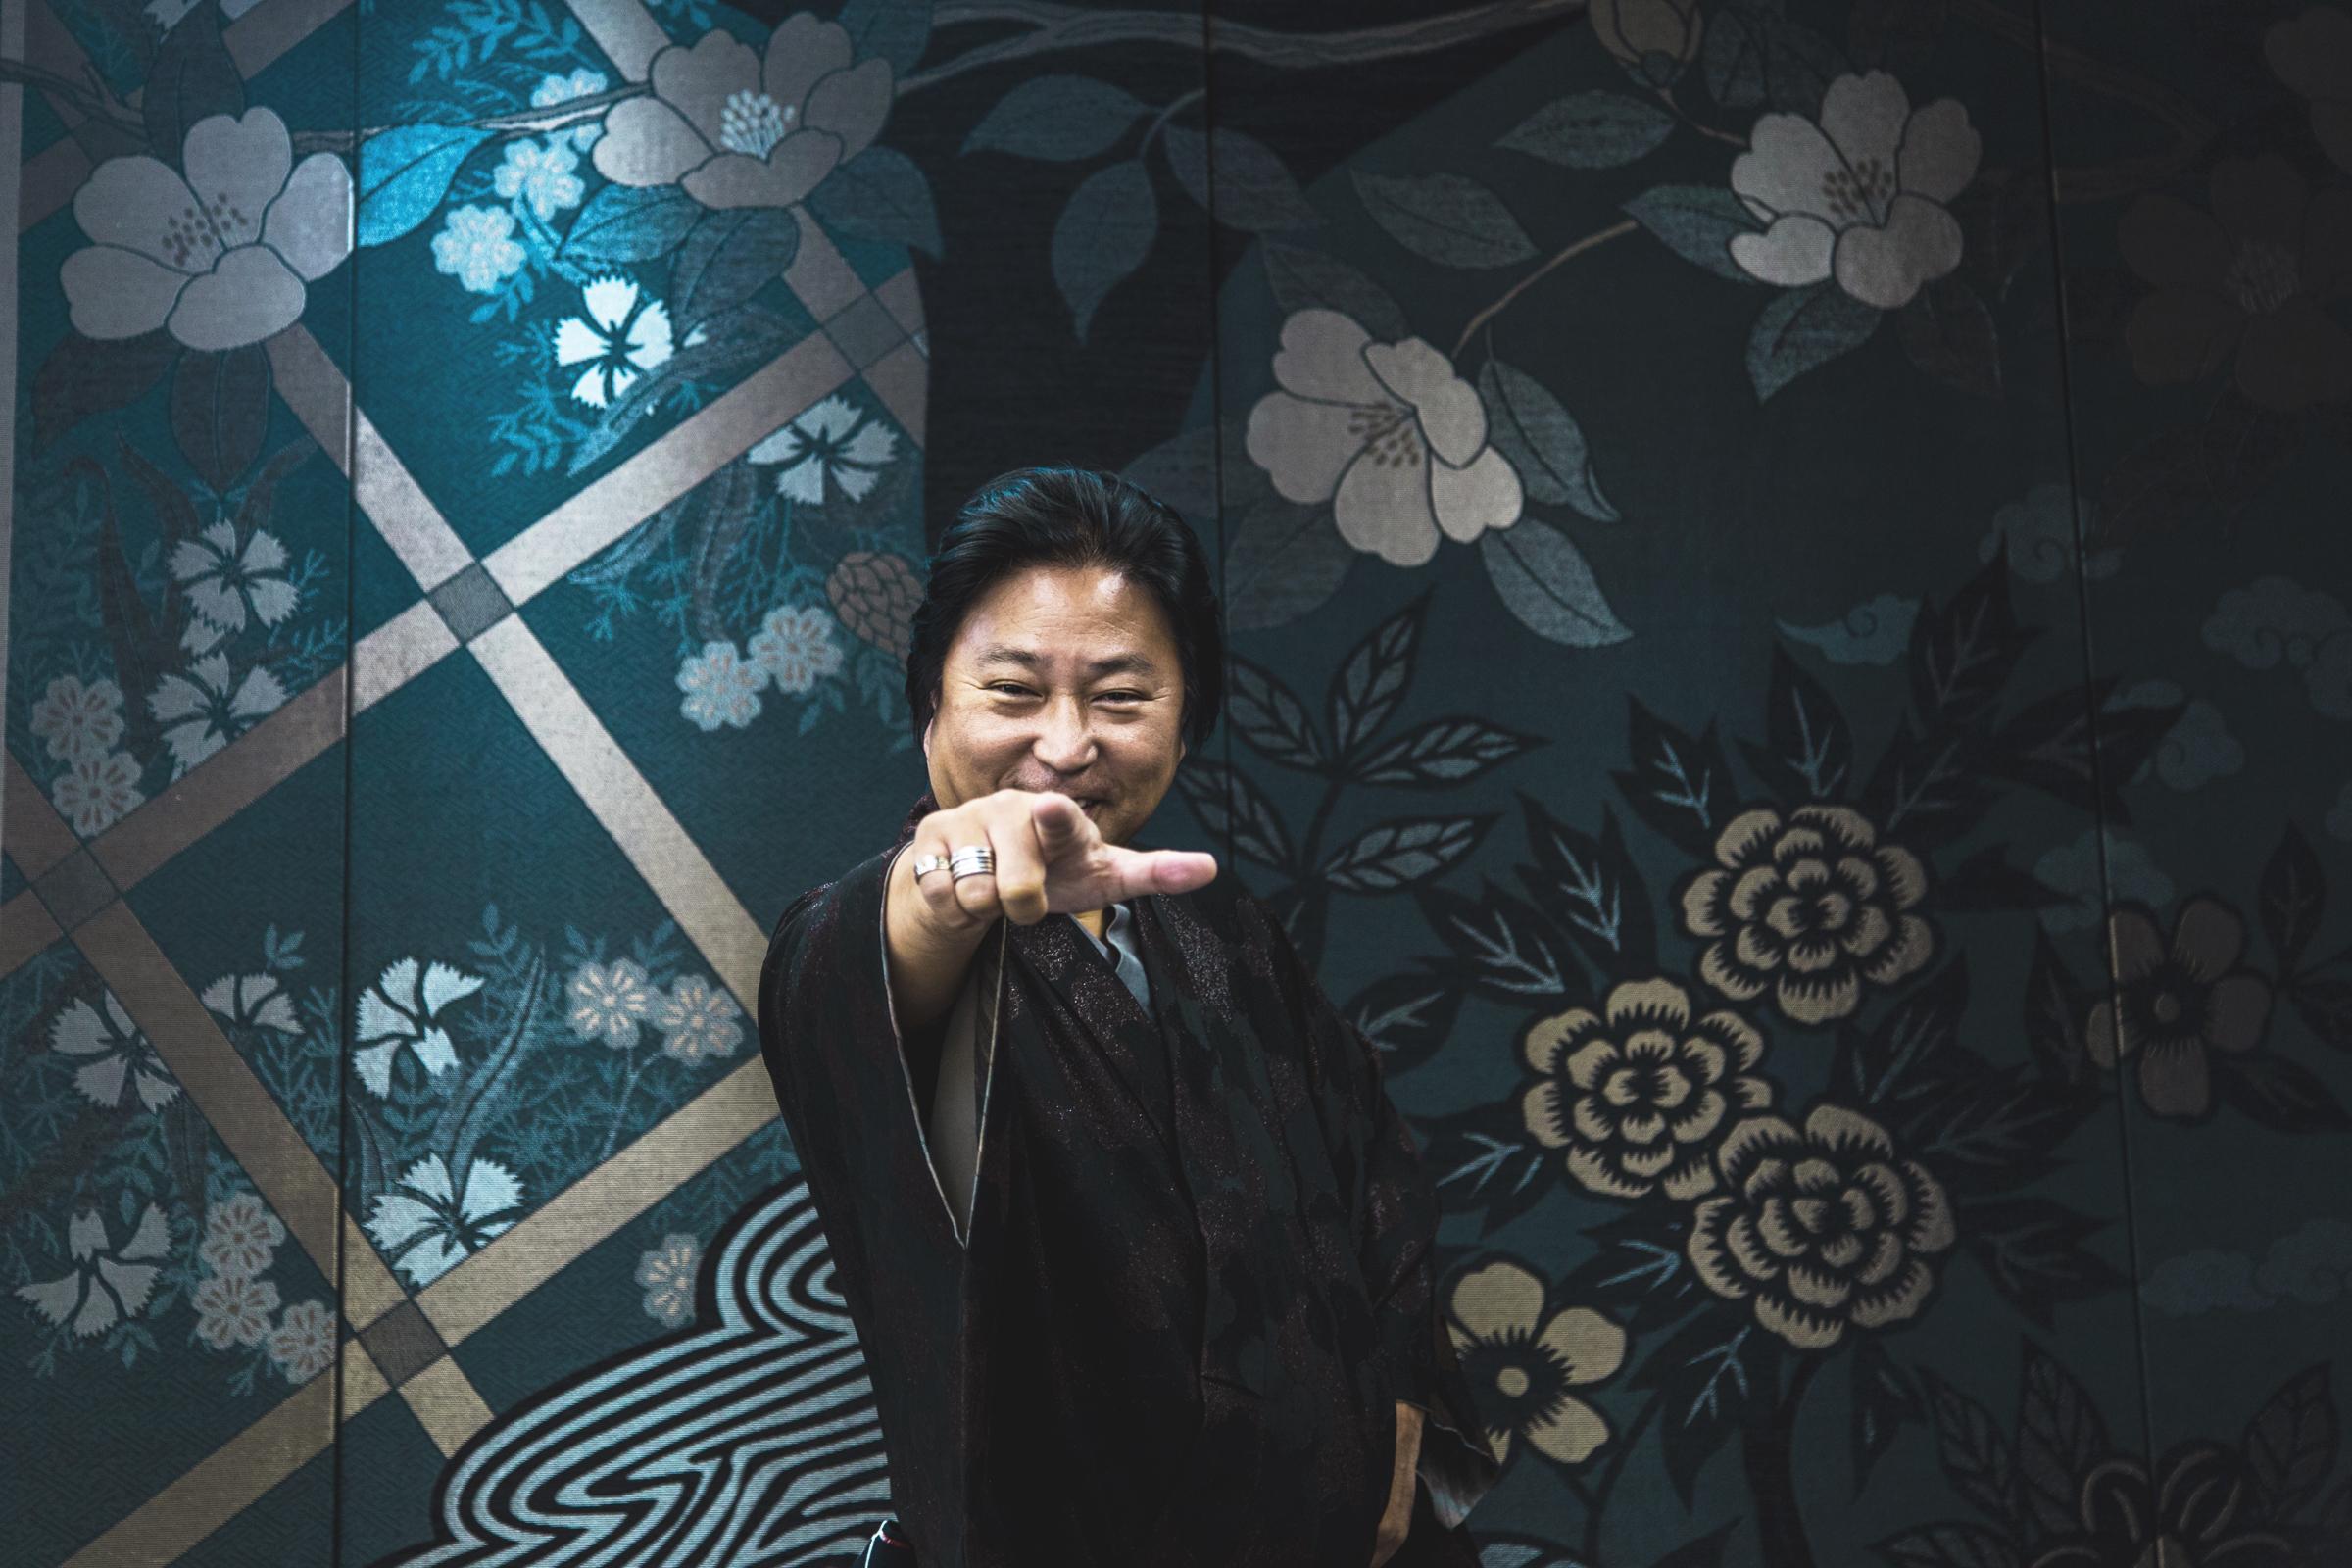 斉藤上太郎氏対談